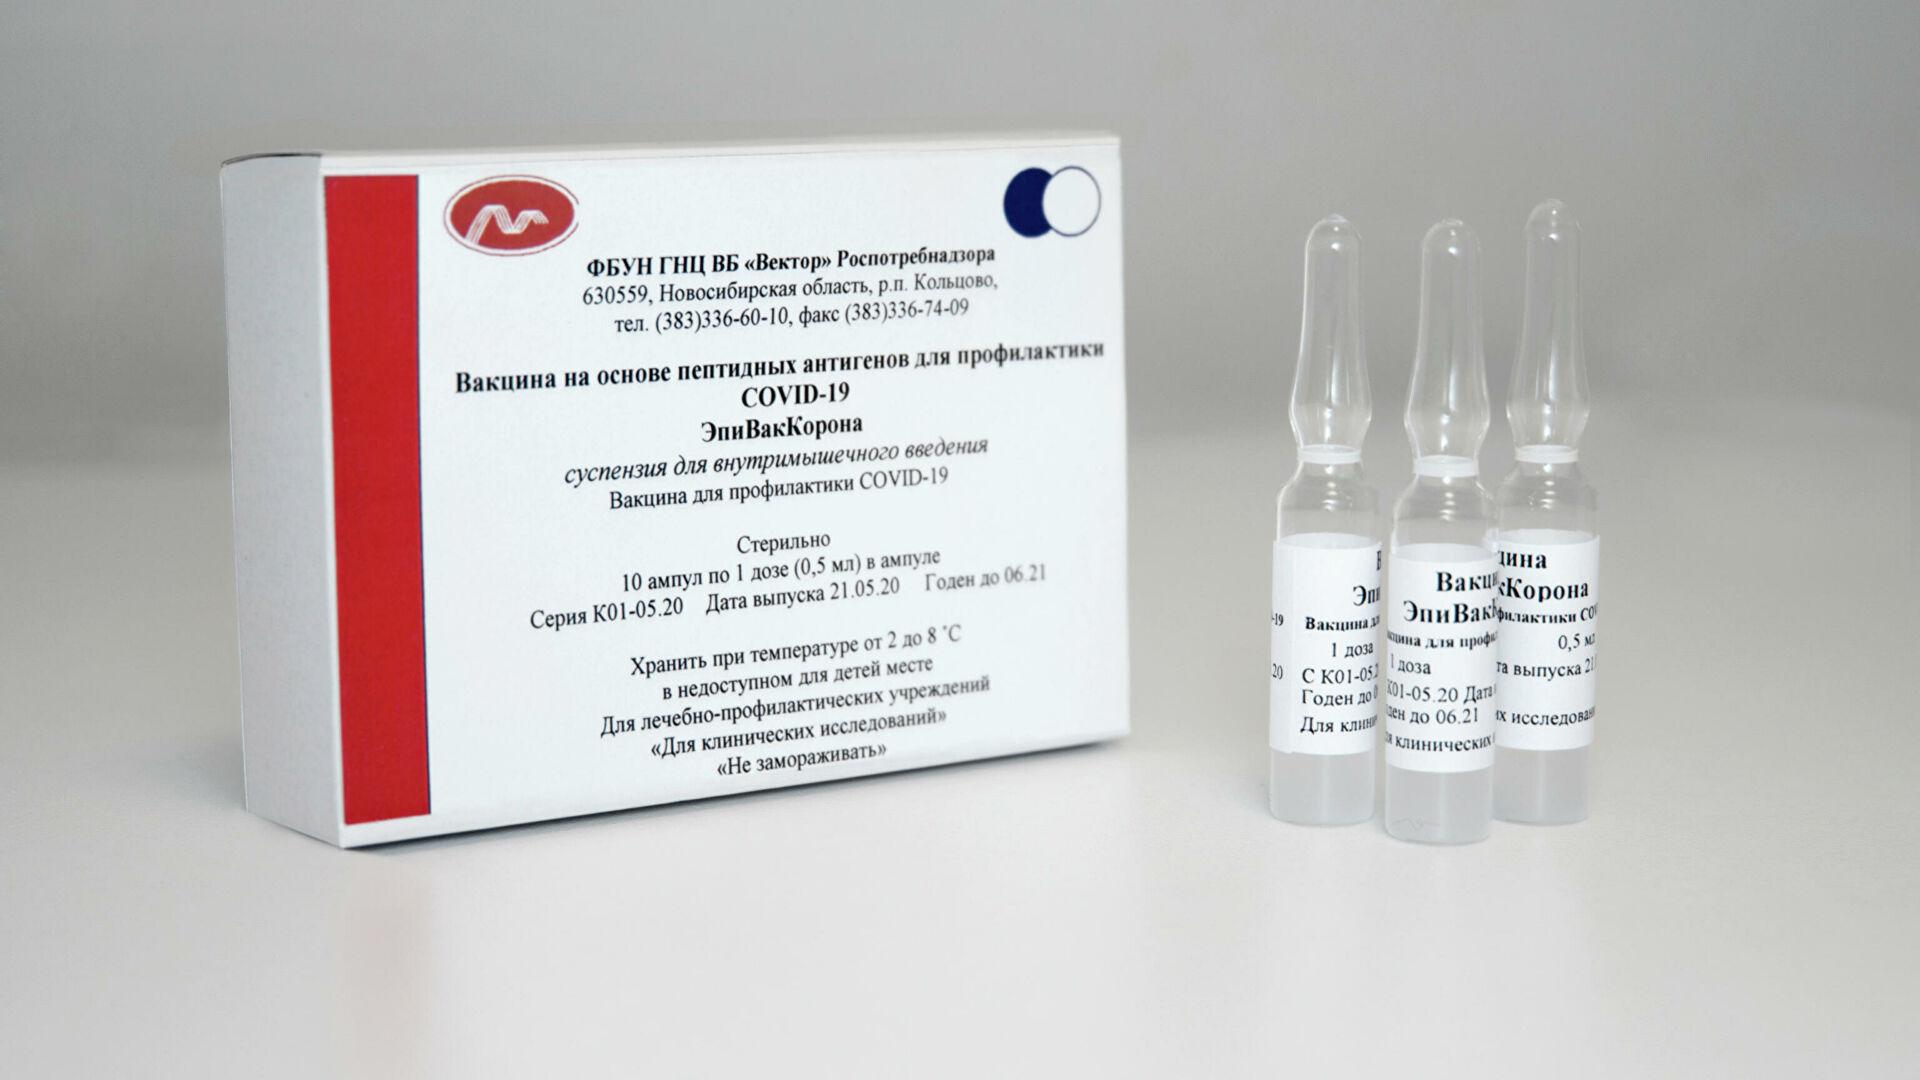 Оральная вакцина против коронавируса проходит испытания